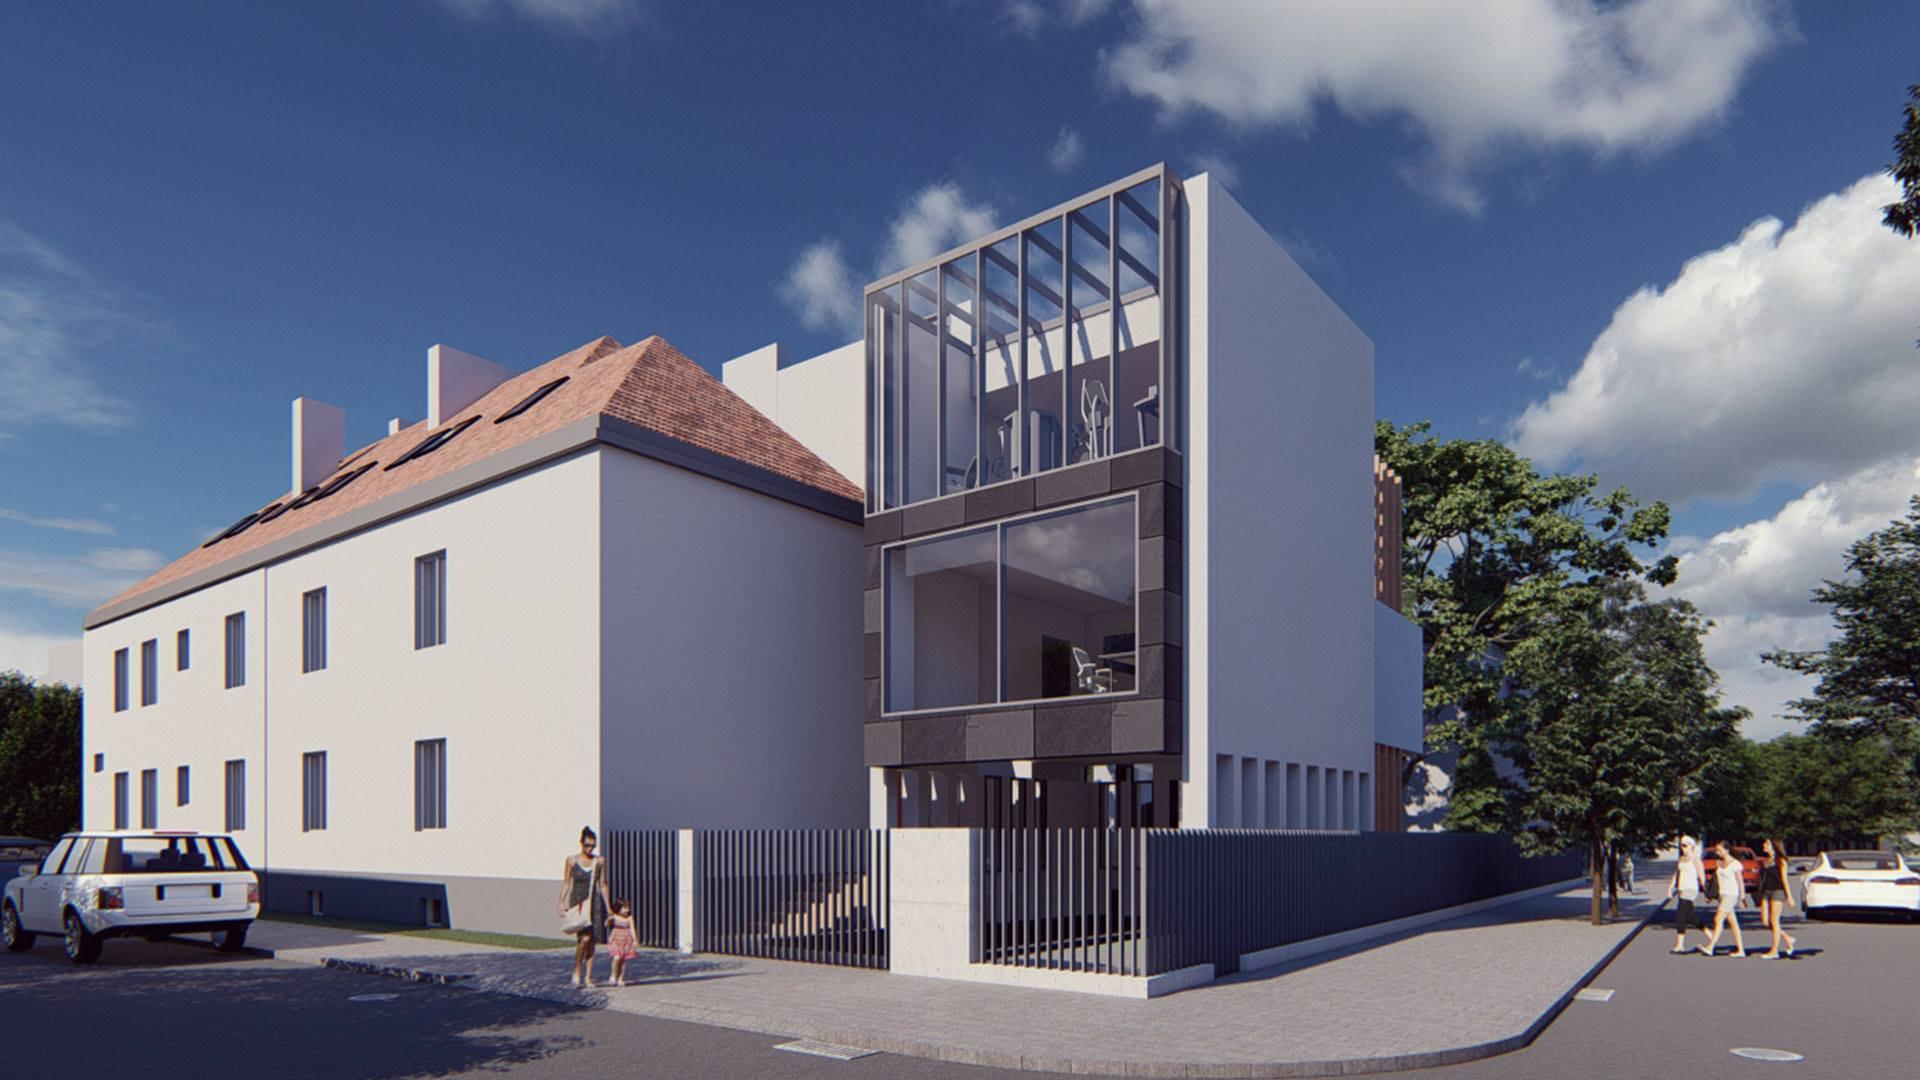 M25 Inwestycja na Starym Żoliborzu | EUROVILLA Jerzy Marszalek | Luksusowa Rezydencja